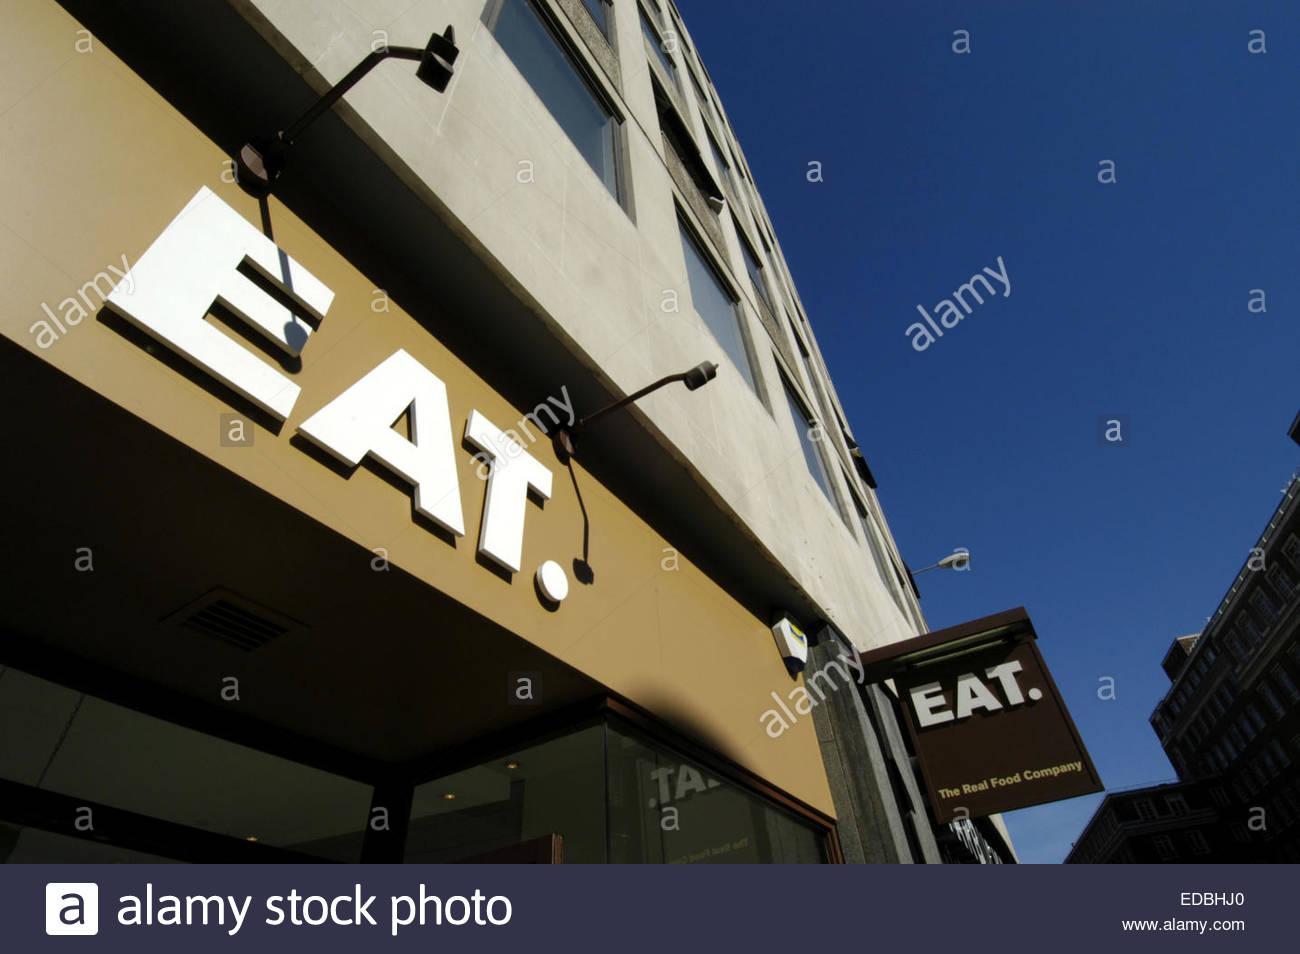 Externen Schuss von einem Essen. Restaurant im Zentrum von London. Stockbild